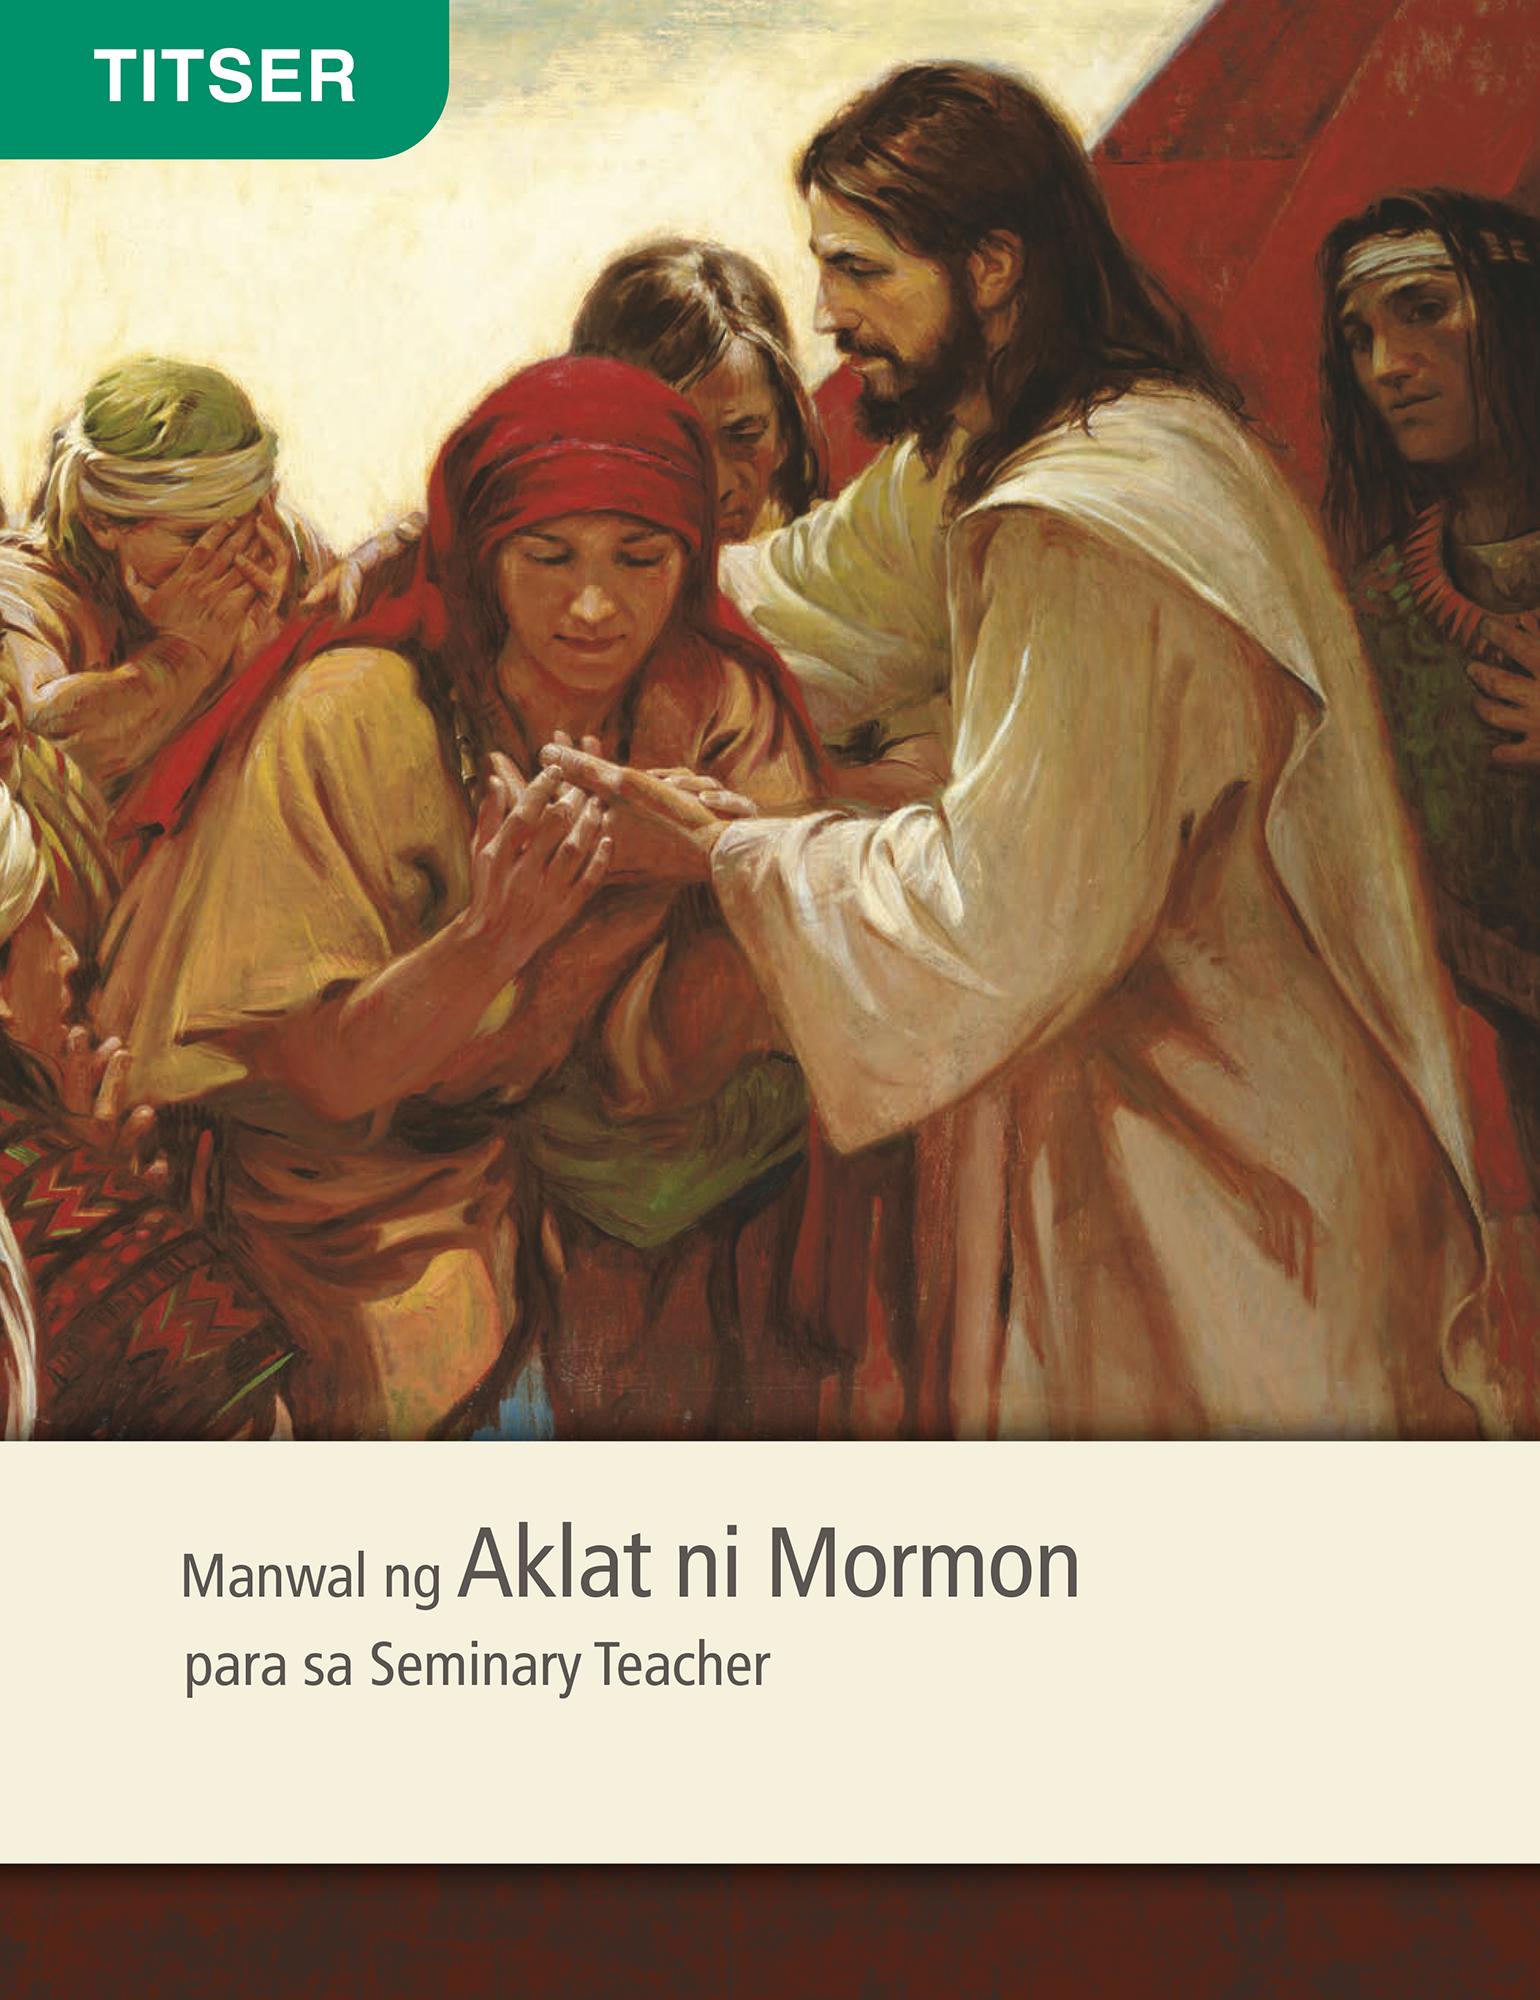 Manwal ng Aklat ni Mormon para sa Seminary Teacher